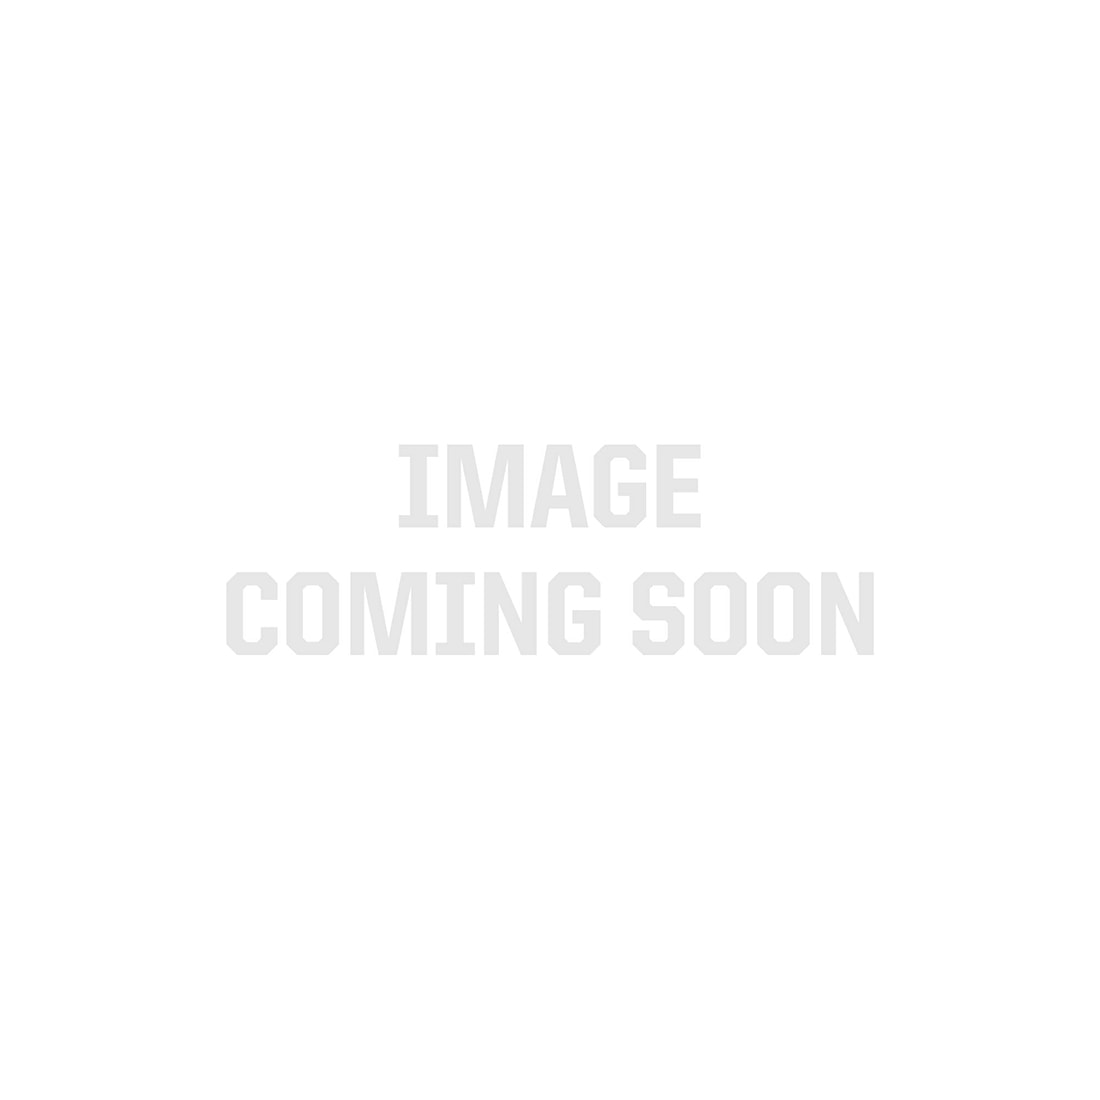 Neutral White 2216 TruColor LED Strip Light, 60/m, 8mm wide, Sample Kit